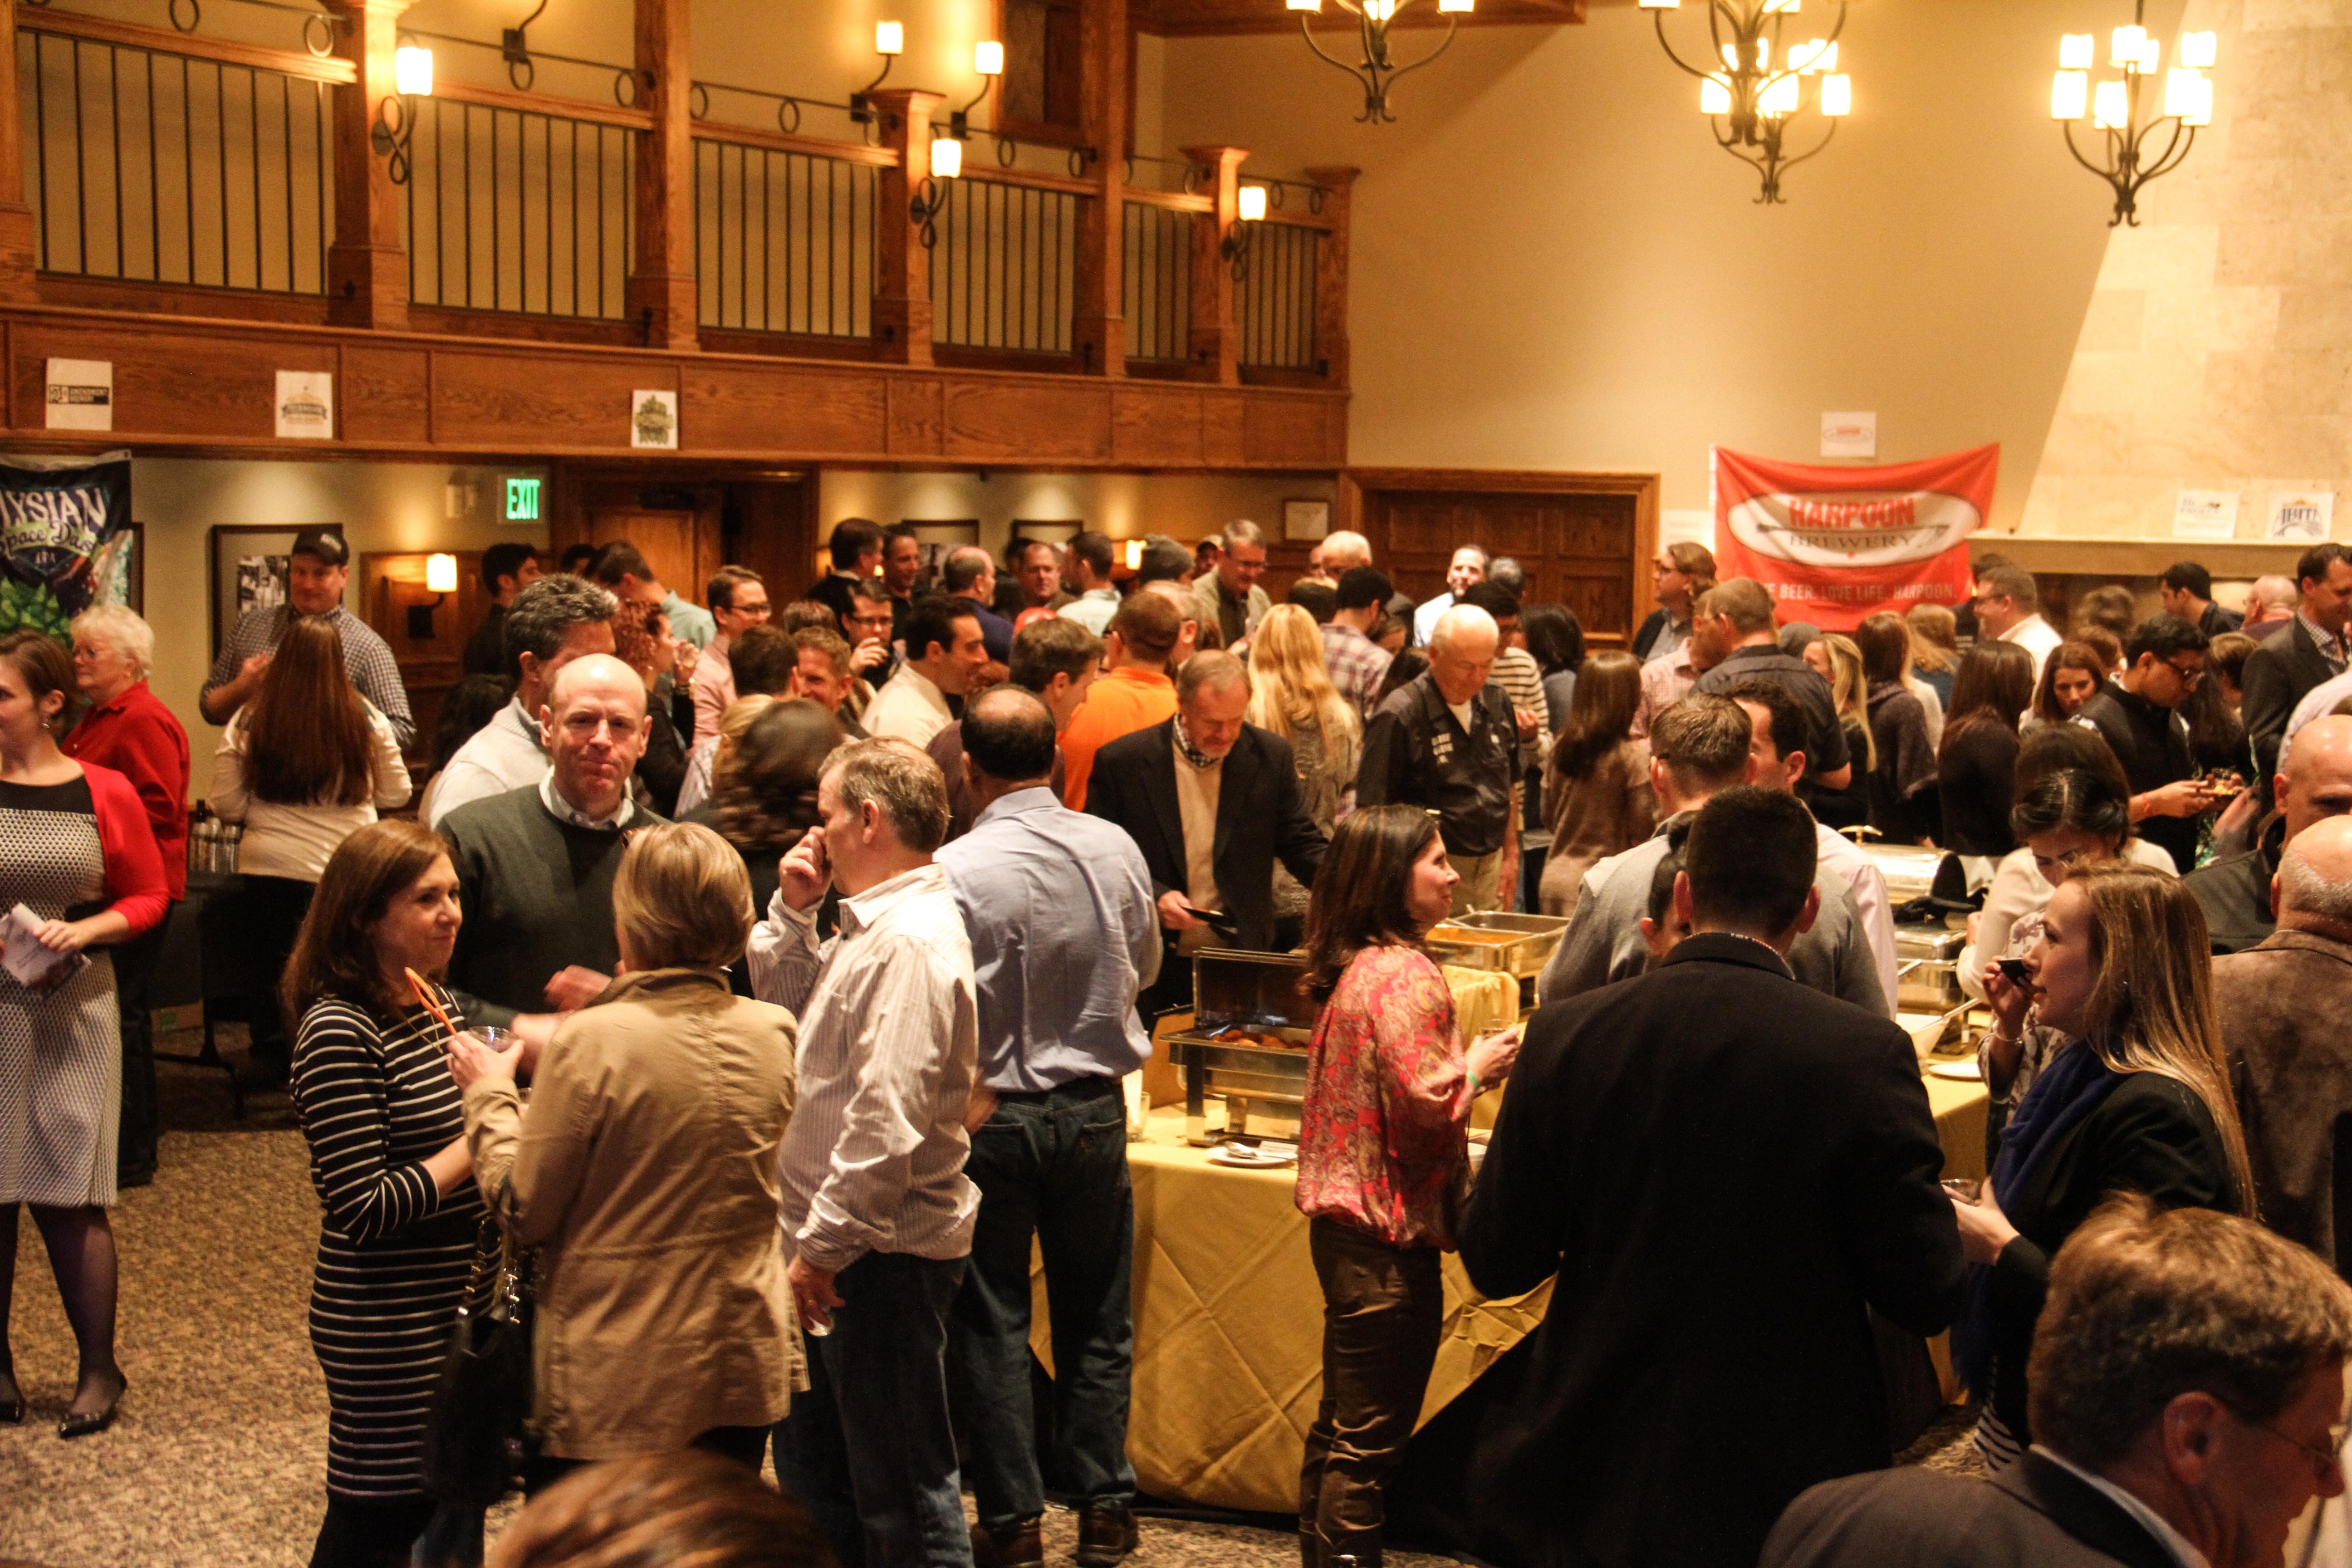 beerfest 2014-118.jpg